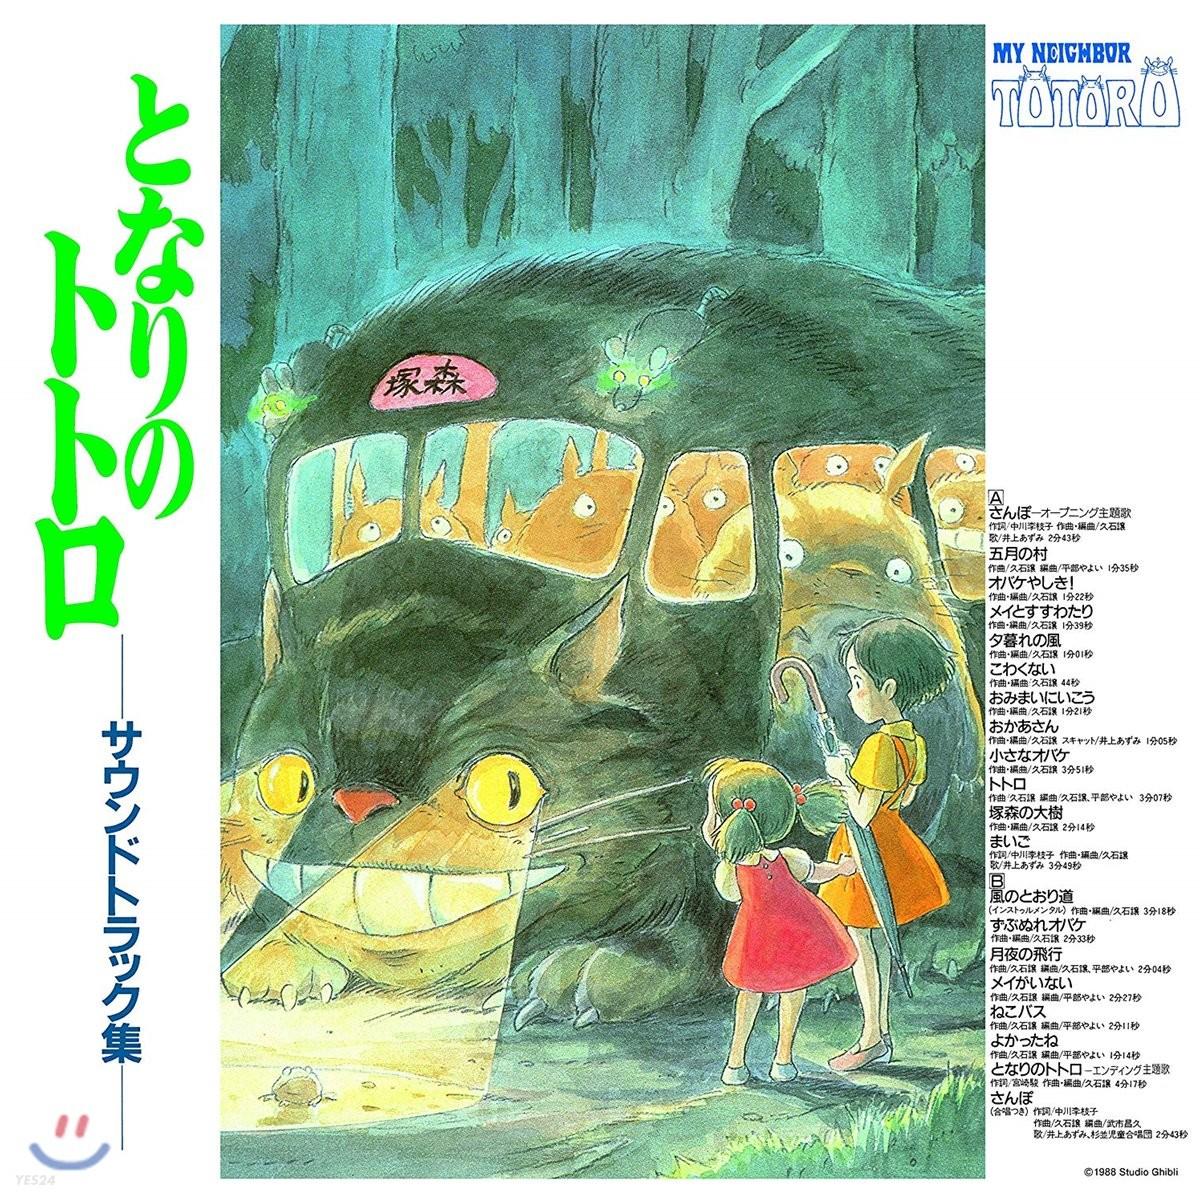 이웃집 토토로 사운드트랙 (My Neighbor Totoro Soundtrack by Joe Hisaishi 히사이시 조) [LP]